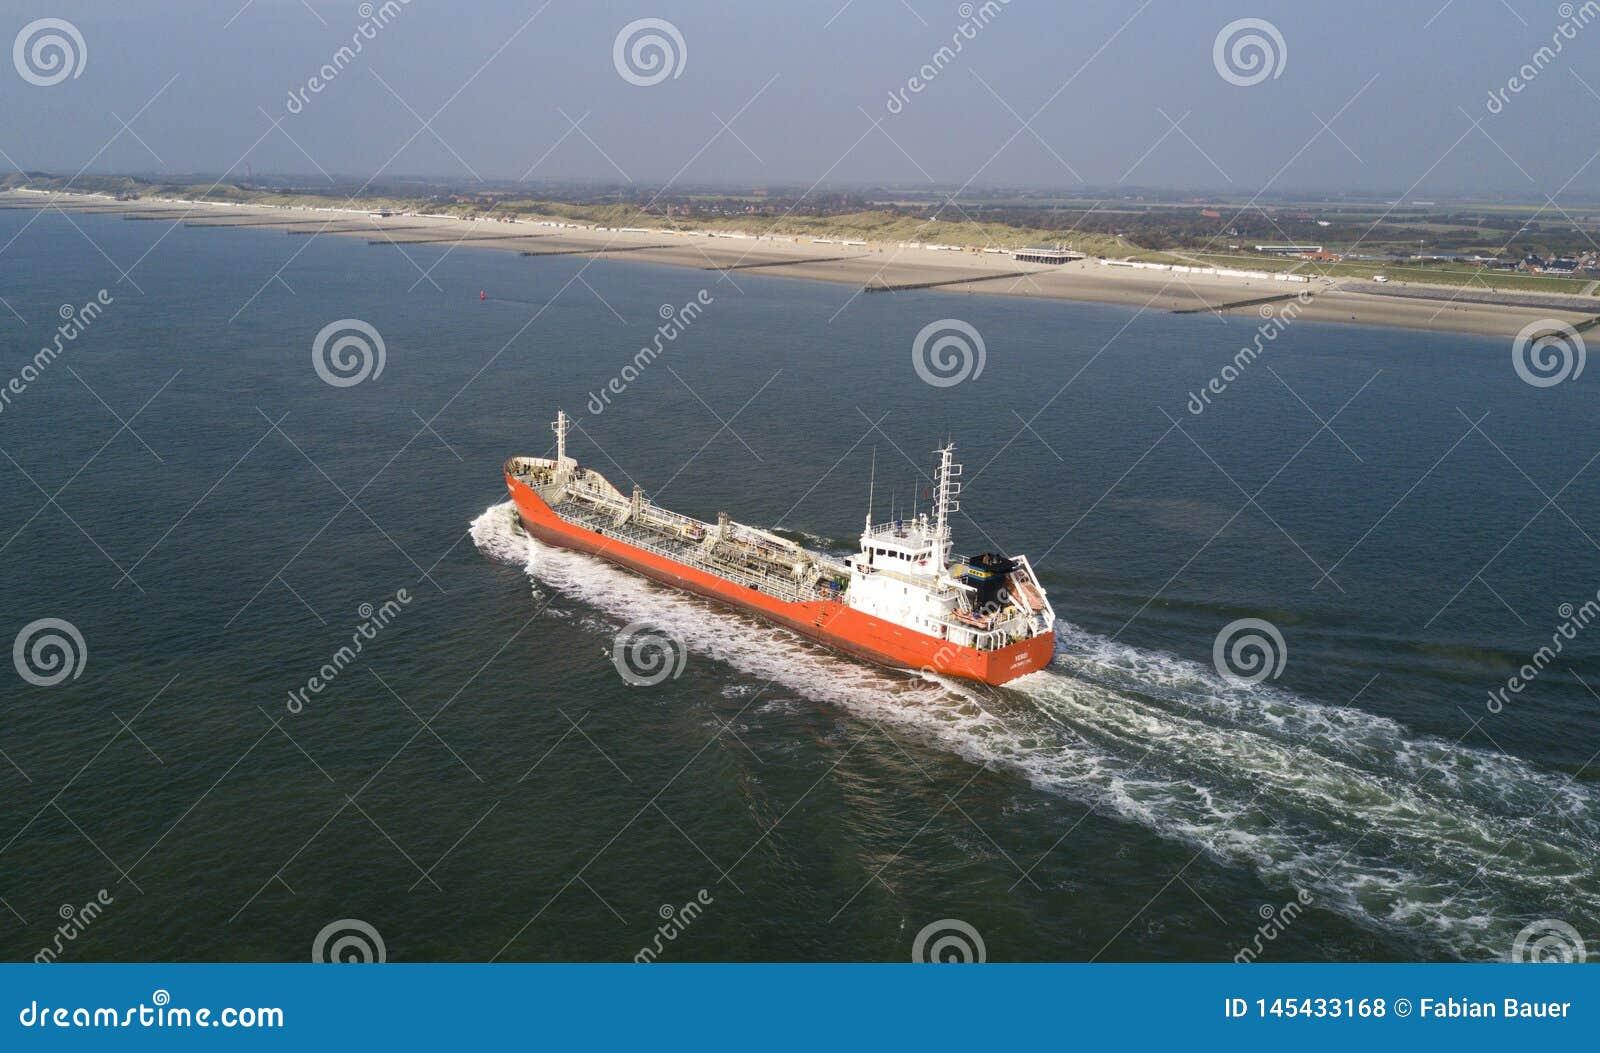 Auf Schiff DEM Meer aus der Luft